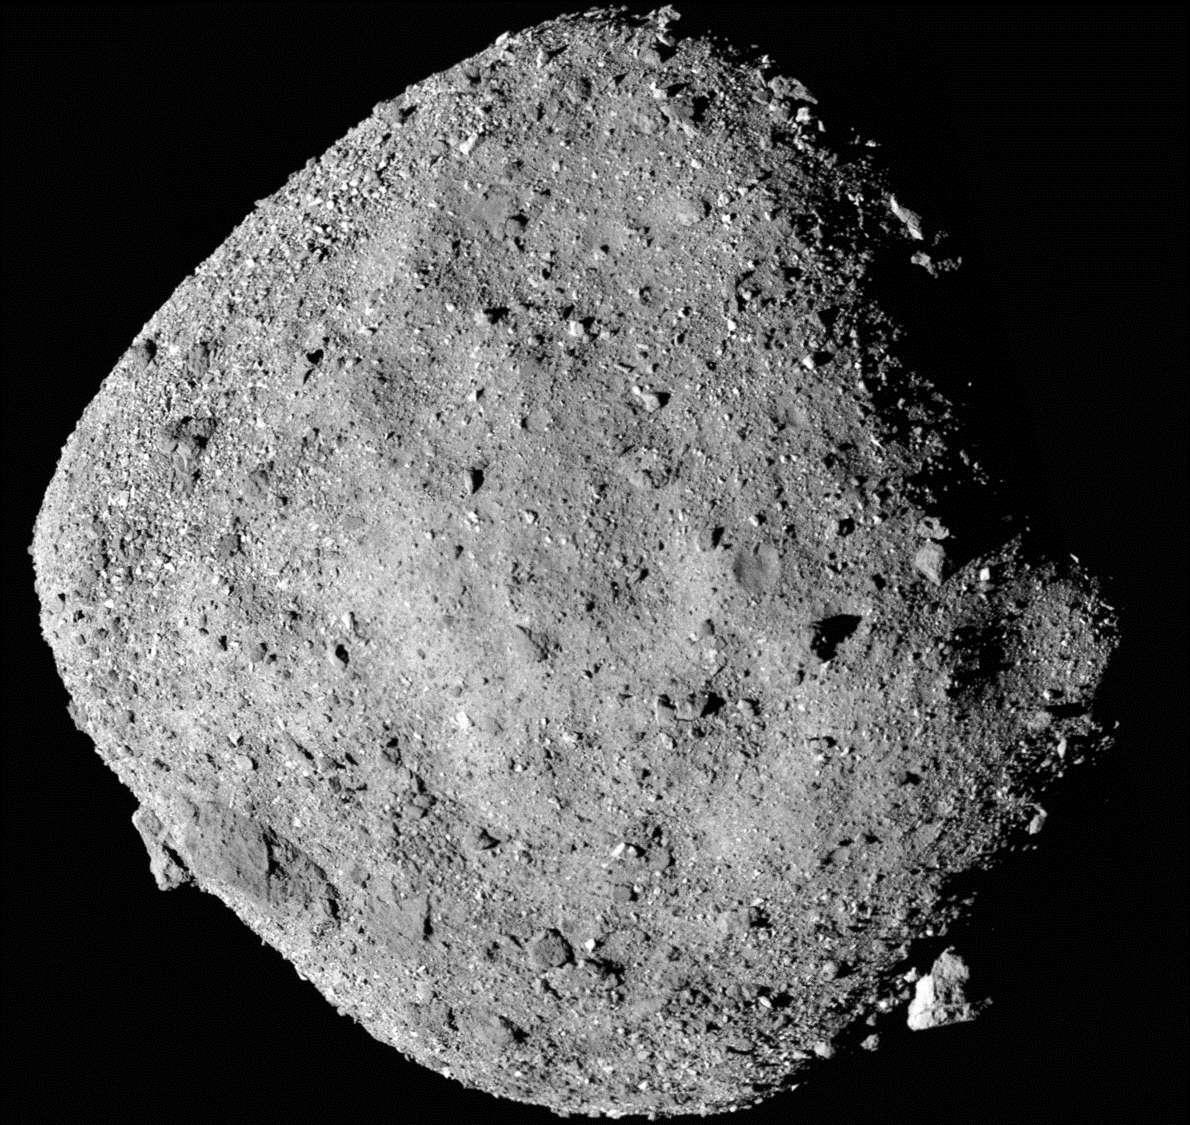 L'astéroïde Bennu vu avec un luxe de détails par Osiris-Rex le 2 décembre, à 24 km de distance. Cette image composite a été créée à partir de douze images prises par la PolyCam de la sonde. © Nasa/Goddard/University of Arizona